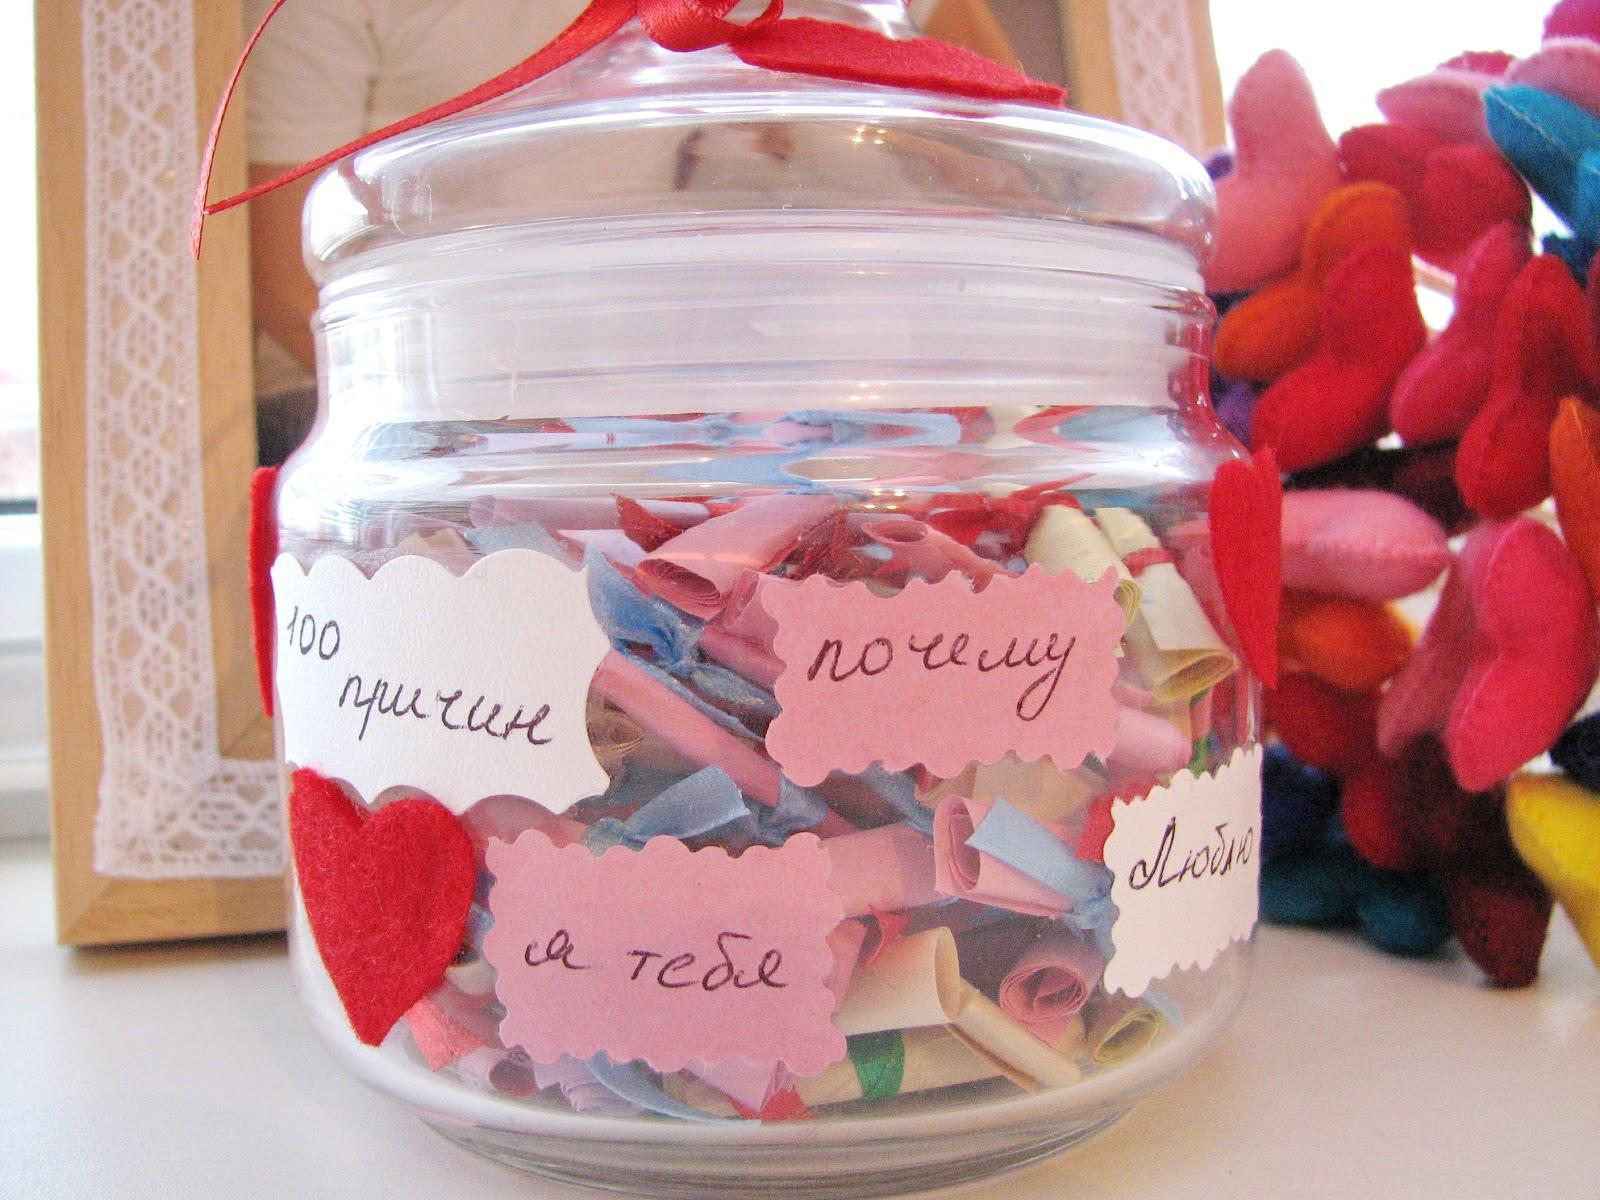 Подарок на 14 февраля своими руками банка с пожеланиями